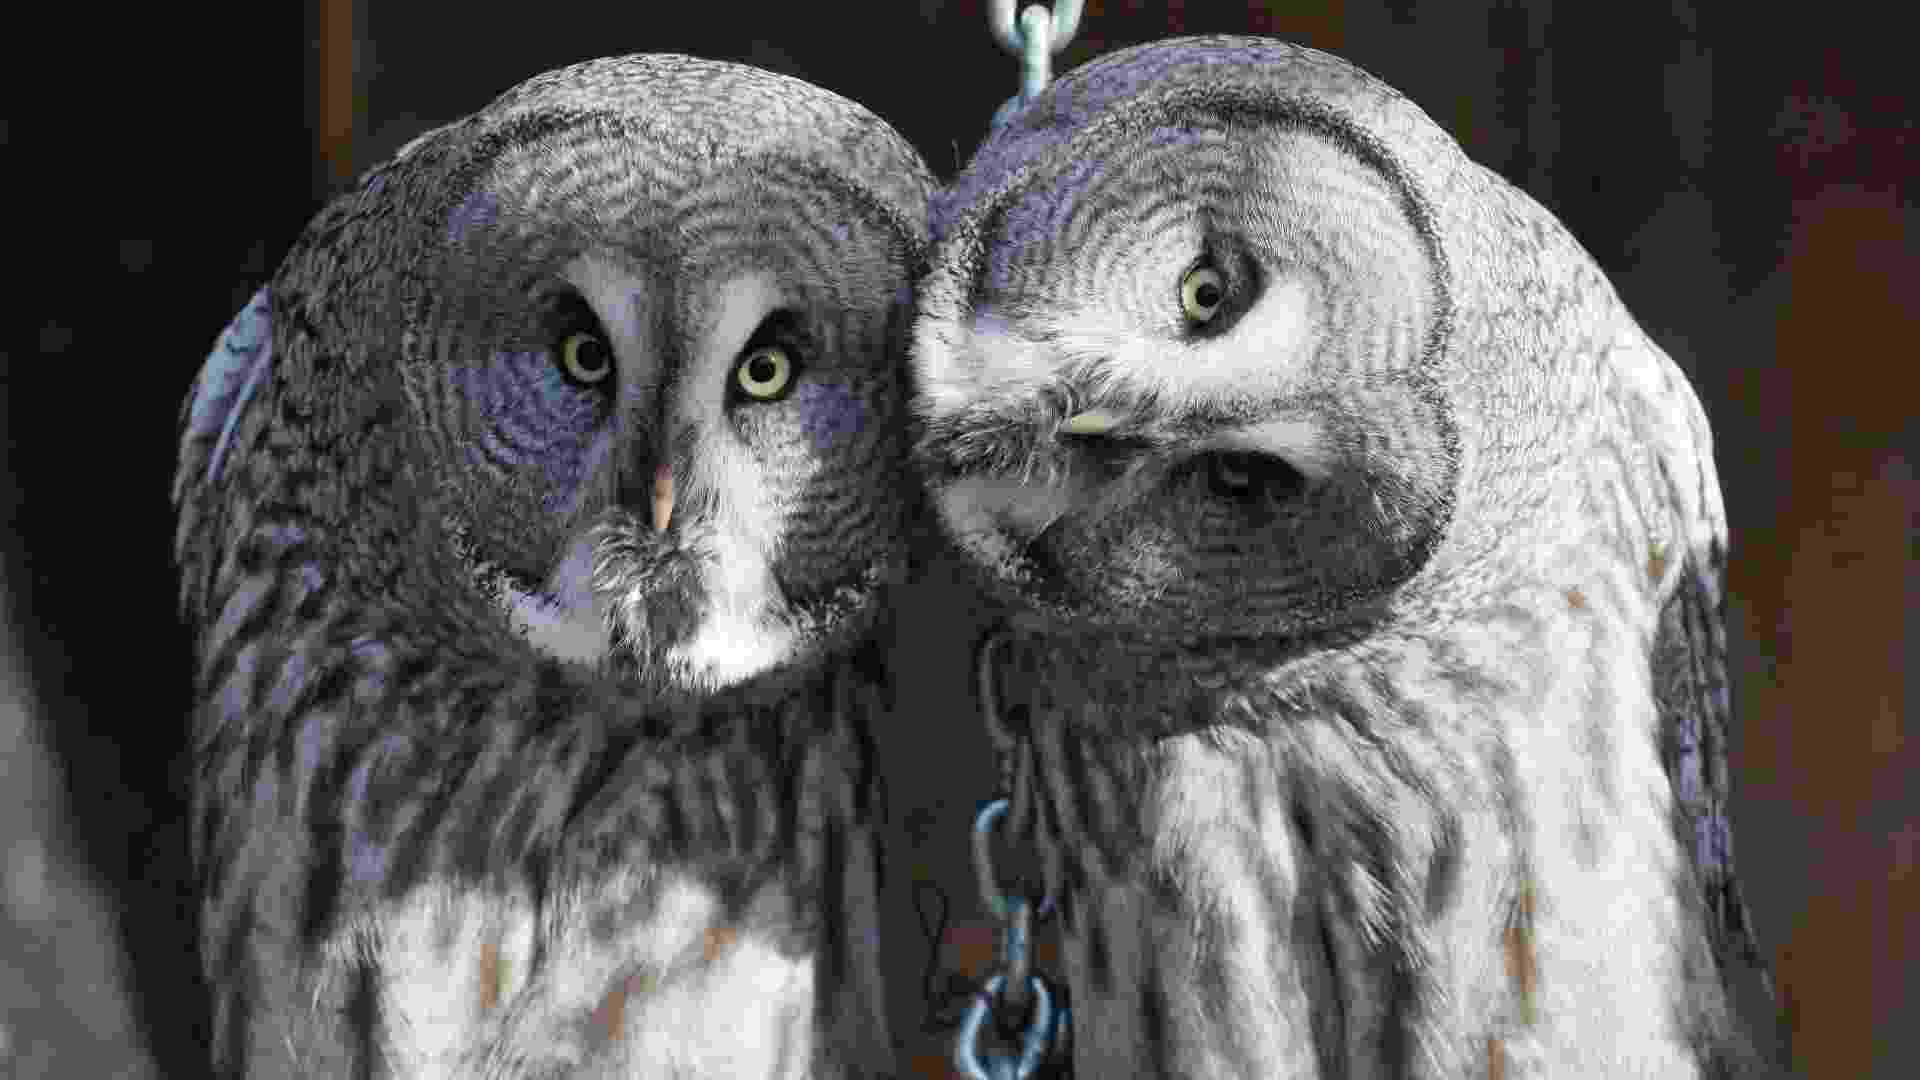 4.fev.2013 - Estudo da Universidade Johns Hopkins, em Baltimore, nos Estados Unidos, descobriu como as corujas giram quase toda a cabeça (270 graus) sem danificar os vasos sanguíneos do pescoço nem  interromper o fornecimento de sangue para o cérebro. As aves têm vasos sanguíneos que se ampliam, como uma represa, e acumulam sangue para garantir energia para irrigar o cérebro e os olhos enquanto giram a cabeça - Ilya Naymushin/Reuters